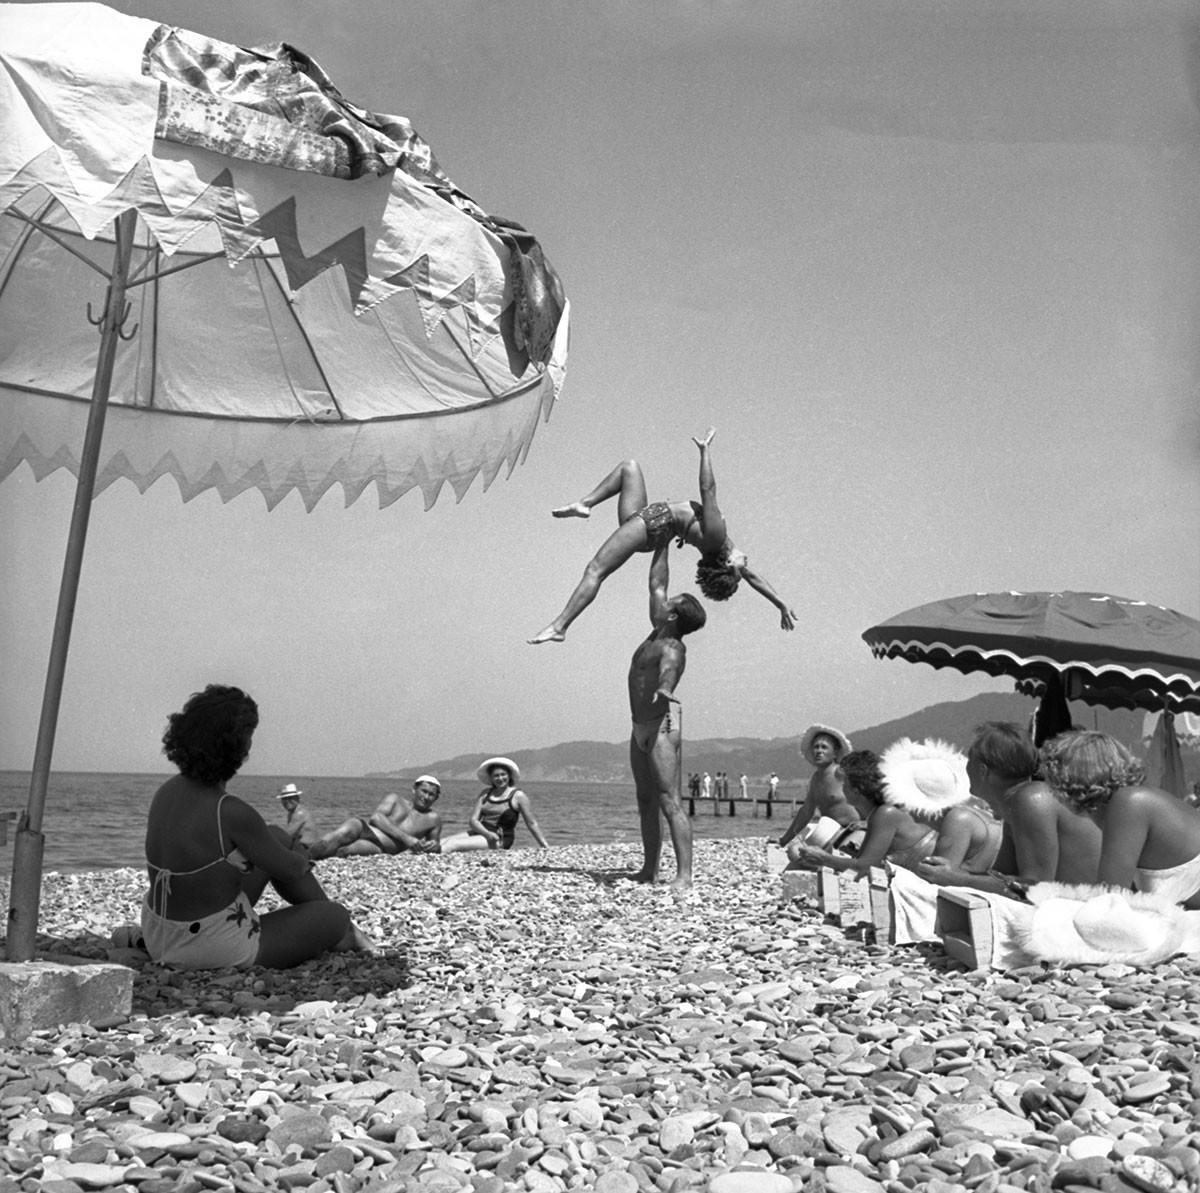 """Град Сочи. Туристи на плажи санаторијума """"Нови Сочи"""" (сада Уједињени санаторијум """"Русь""""), 1956."""